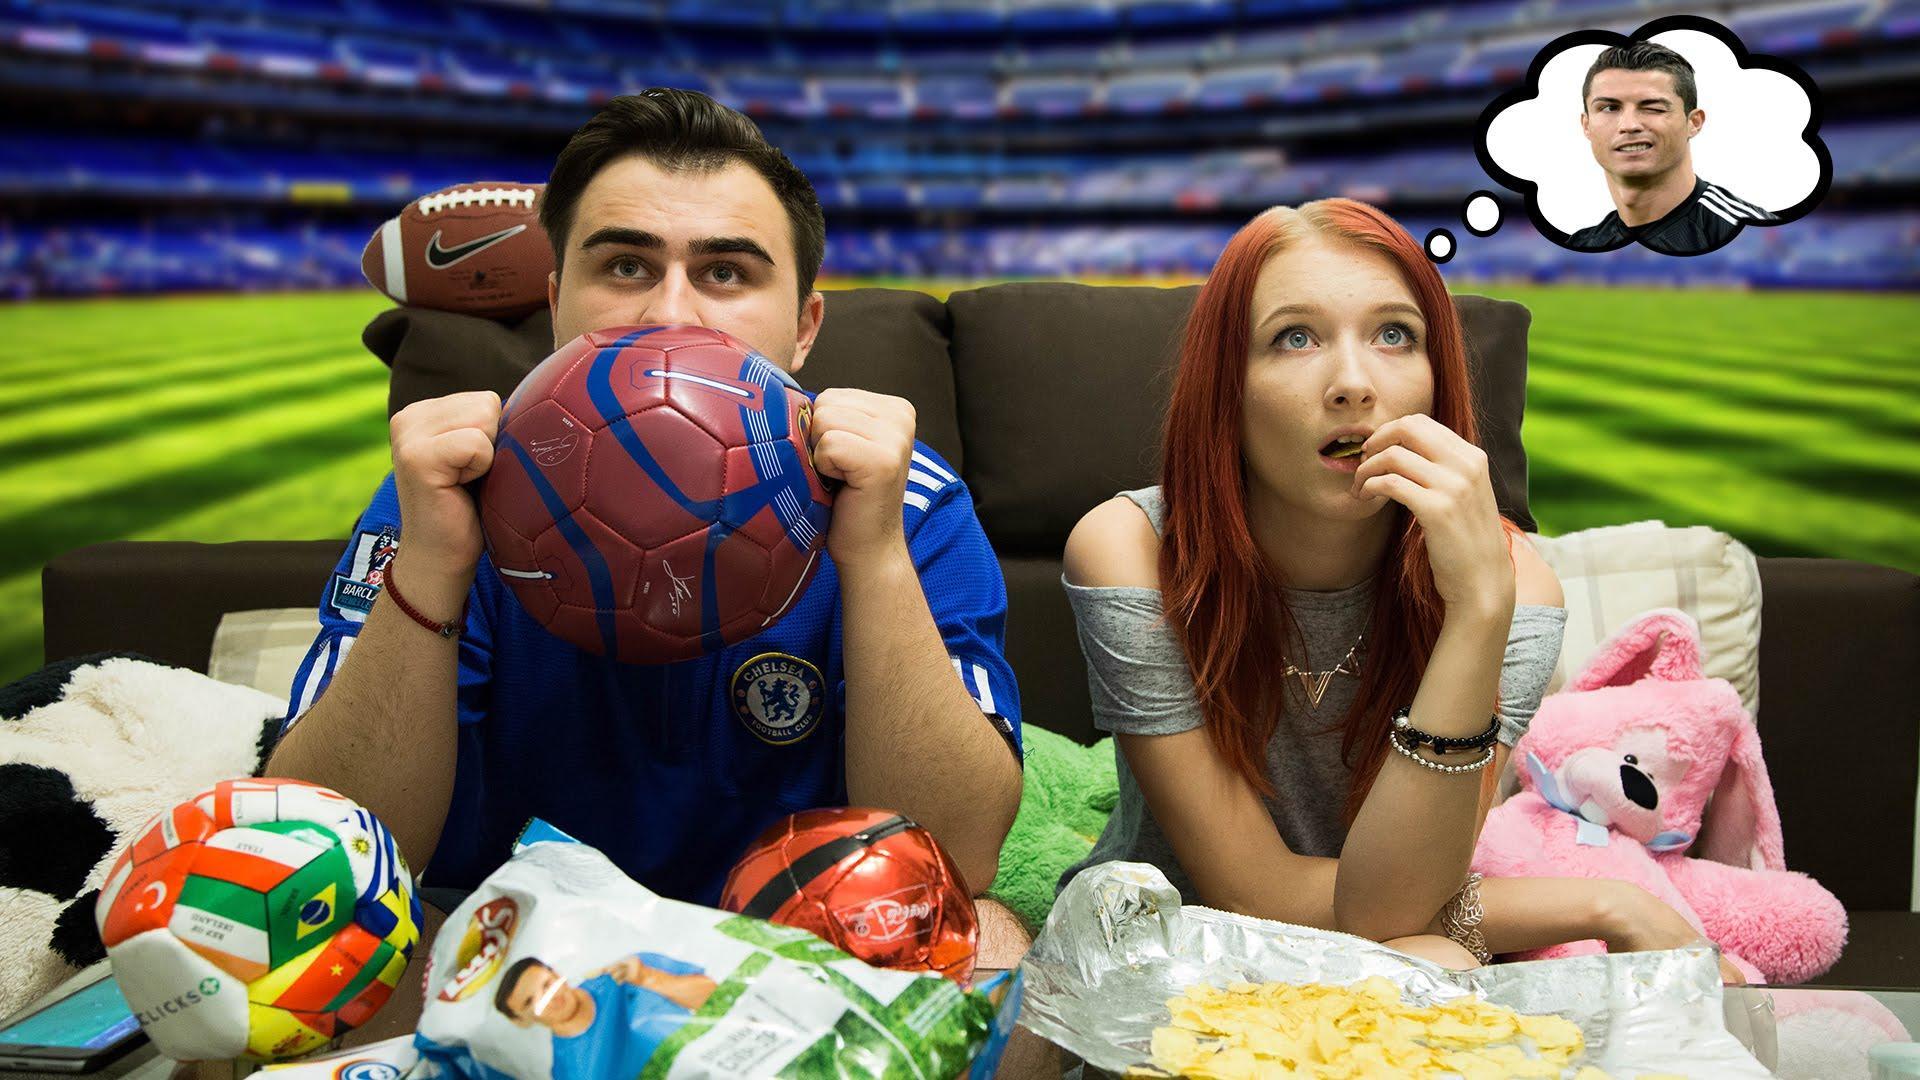 Трахнул пока муж смотрел футбол с другом, Жена тихо изменяет мужу с его лучшим другом во время 14 фотография